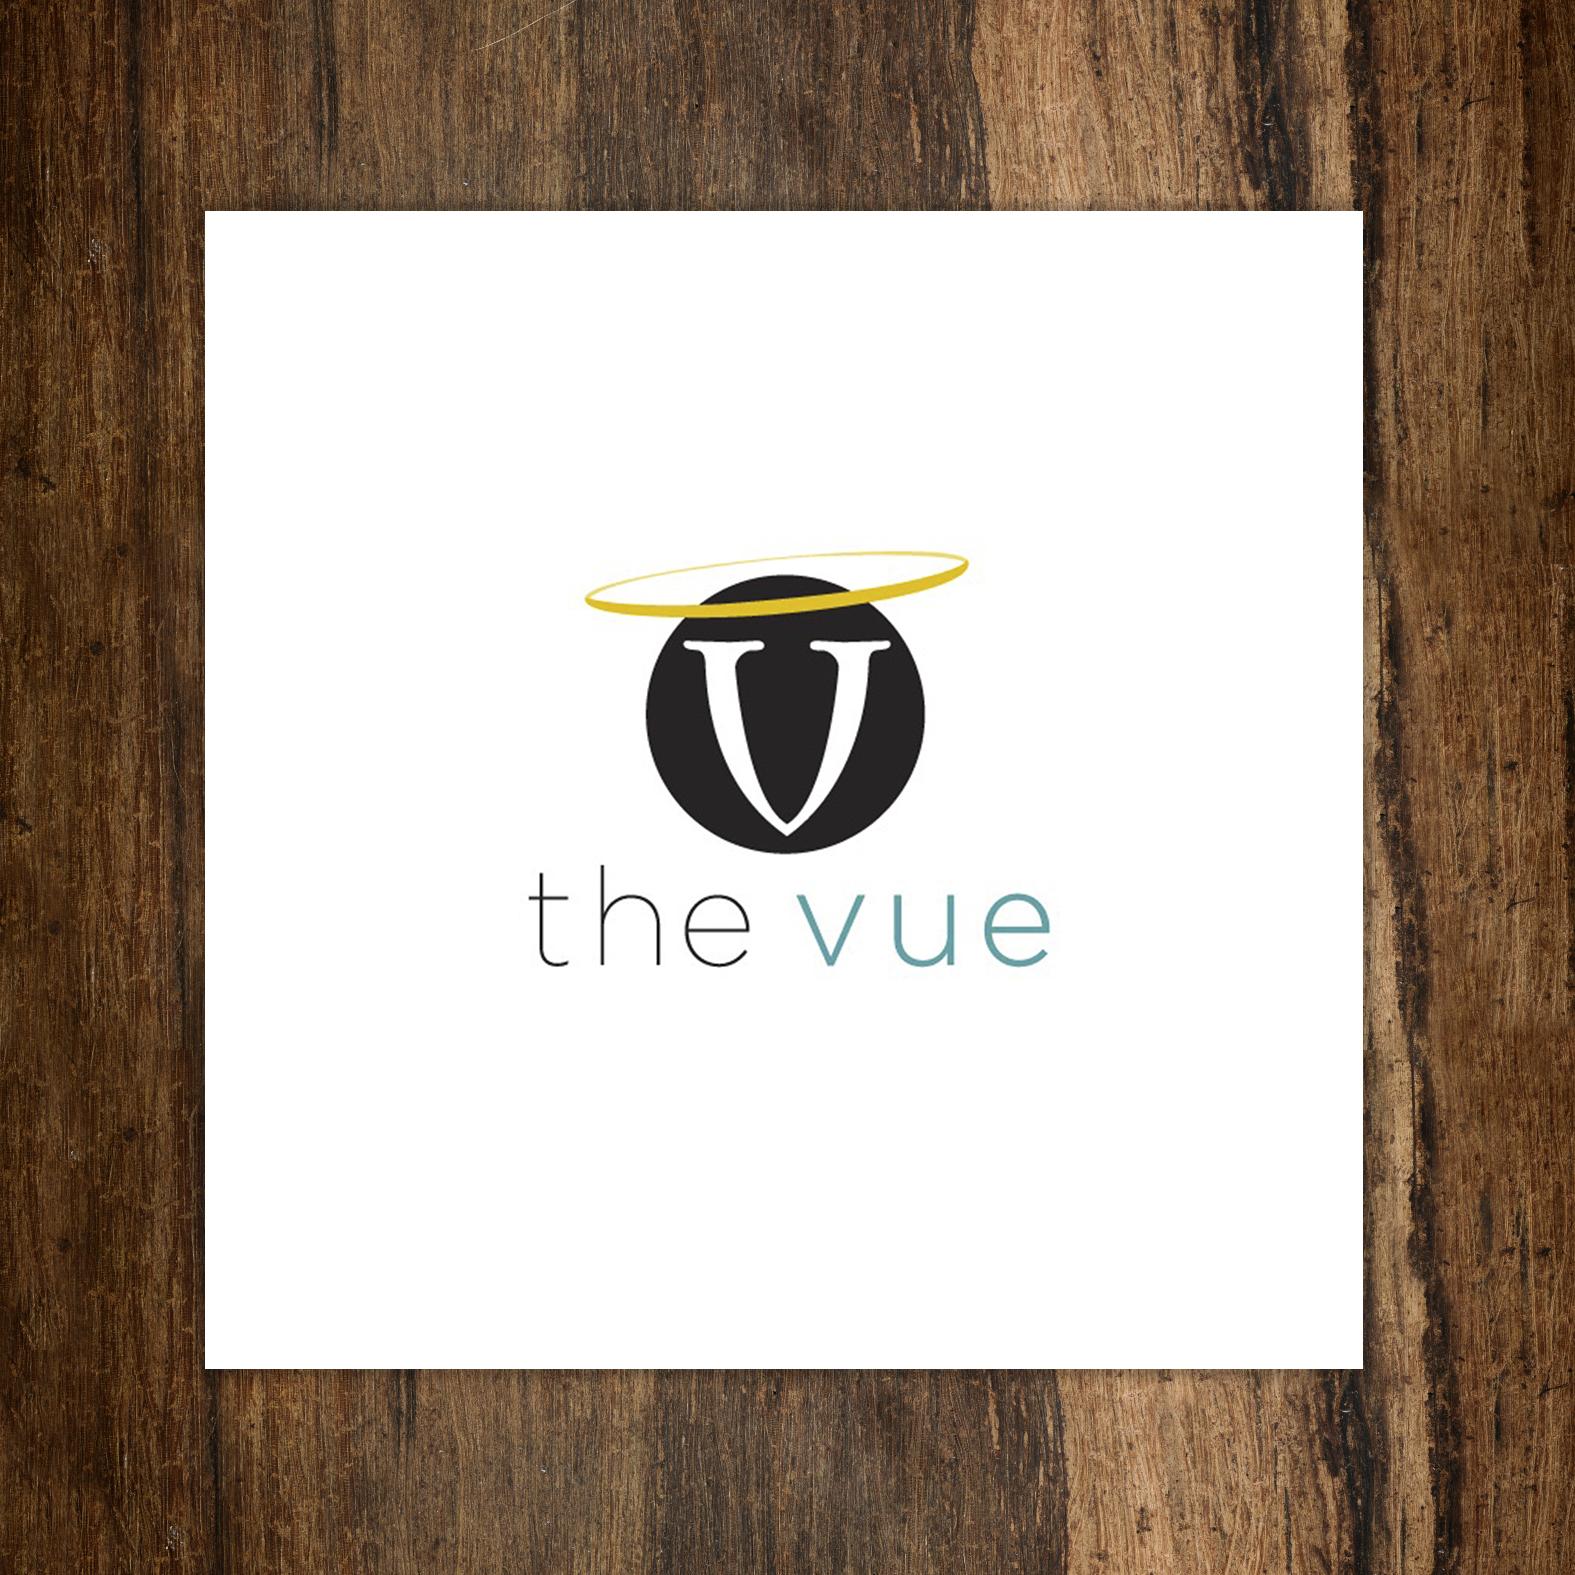 The_Vue_on_wood.jpg